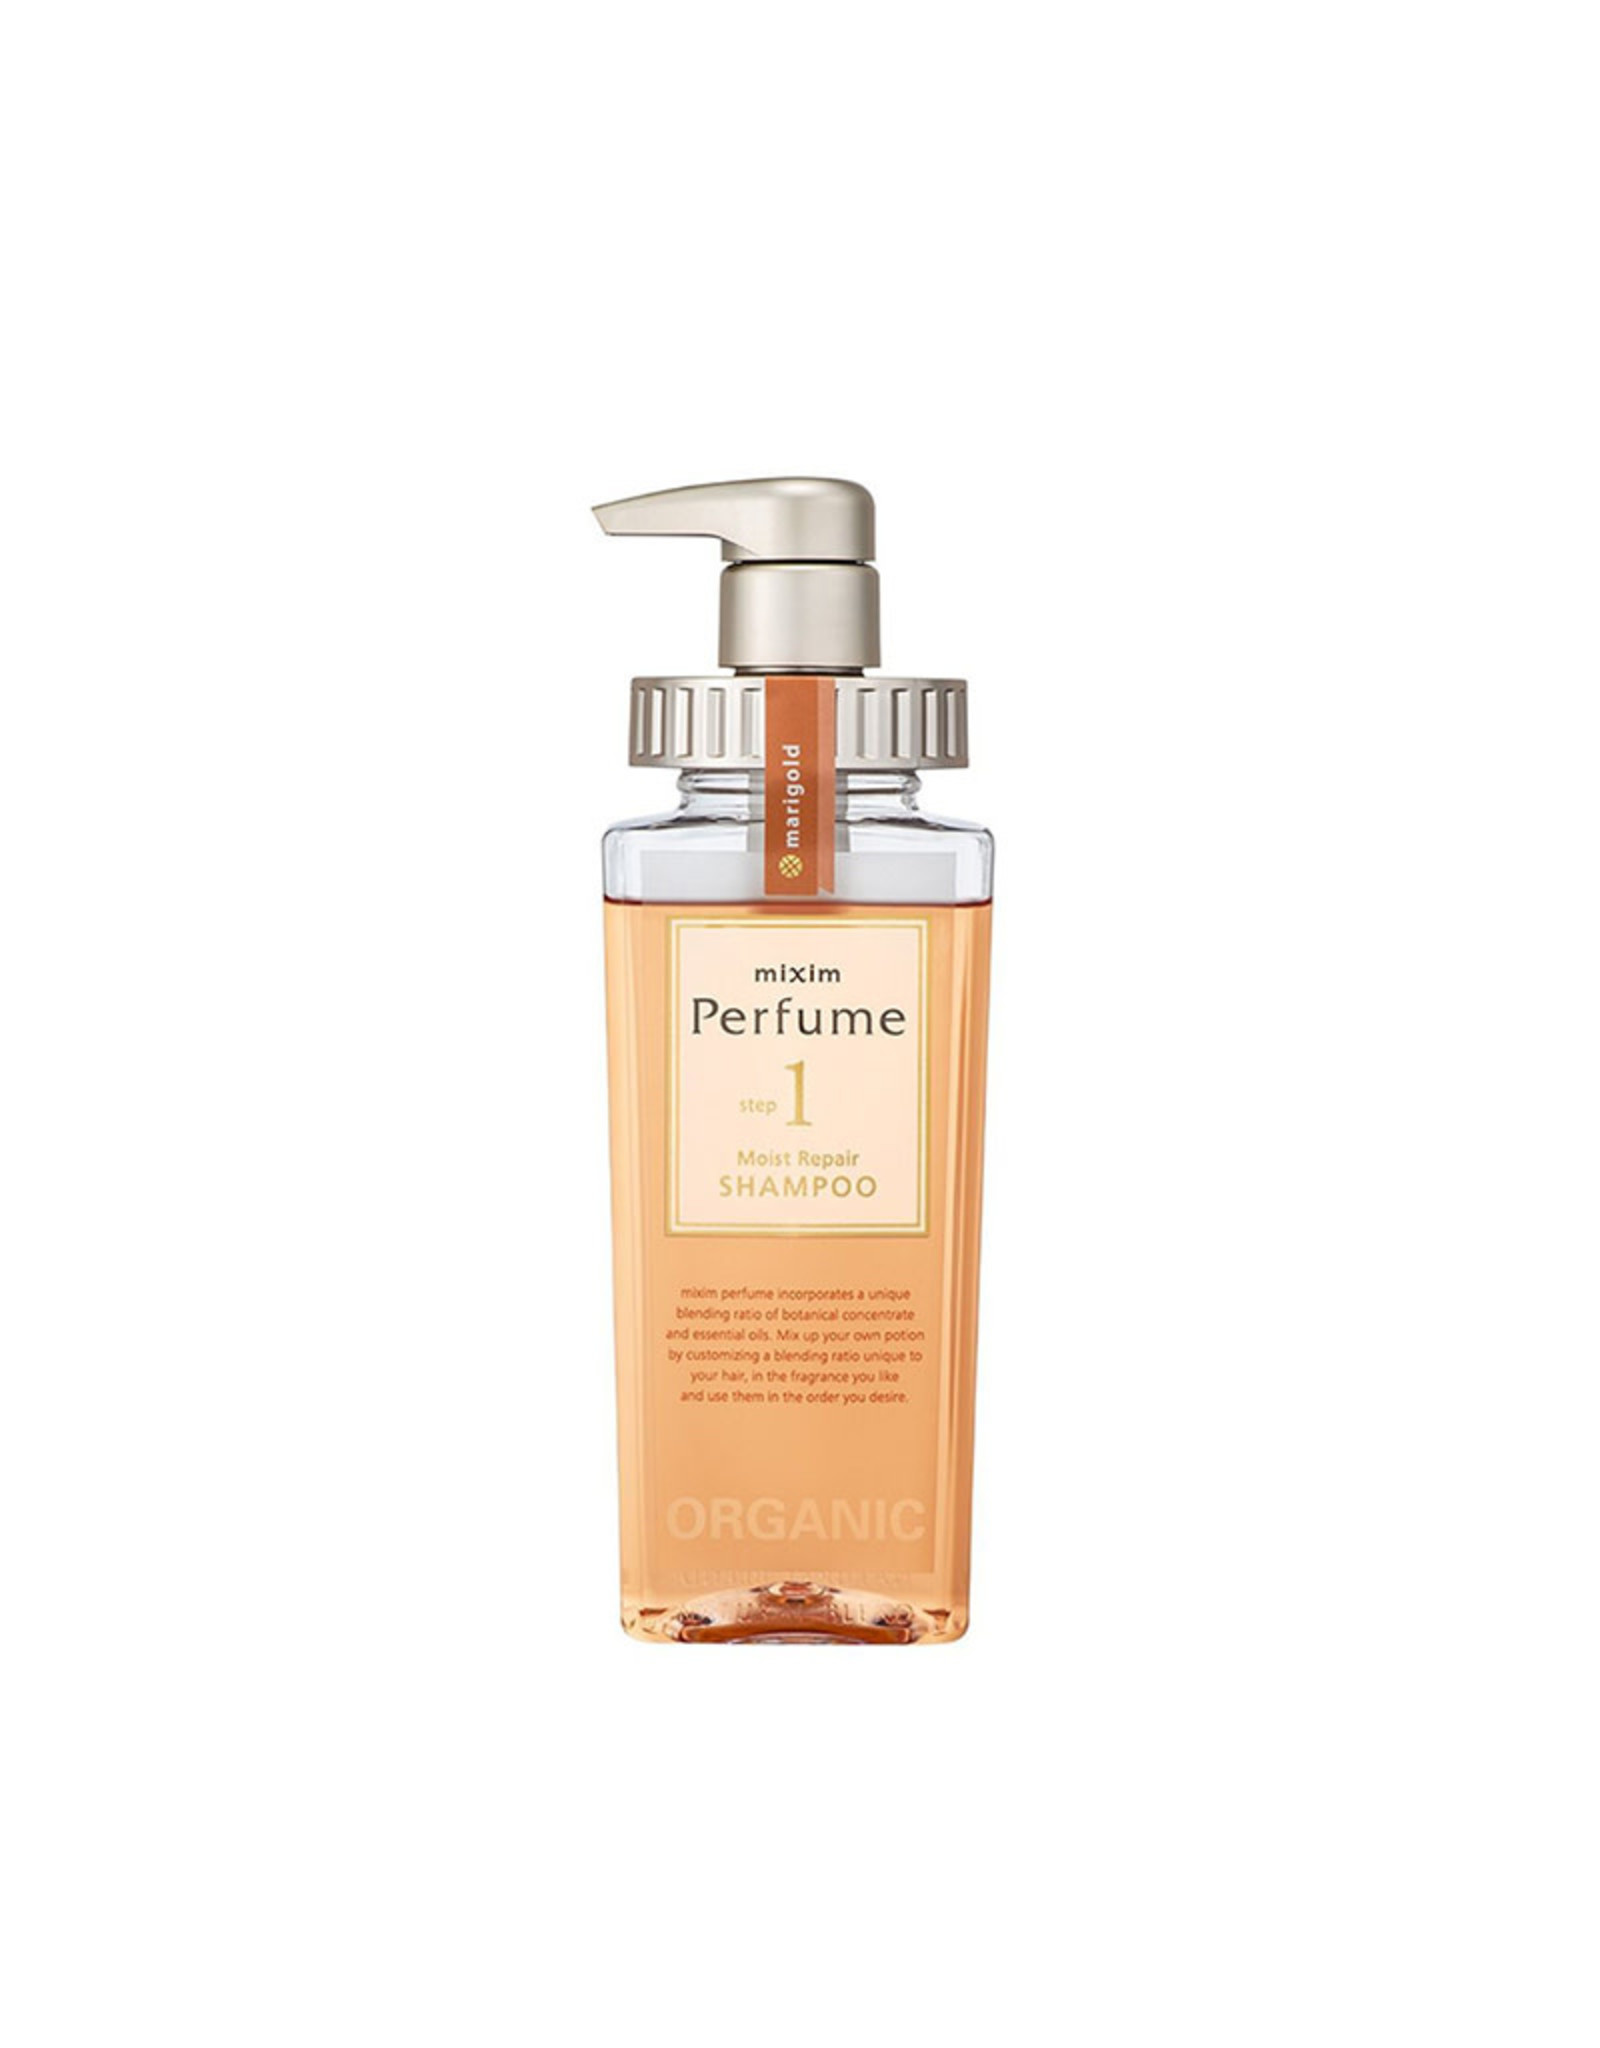 Vicrea Mixim Perfume Moist Repair Shampoo Step 1 440ml